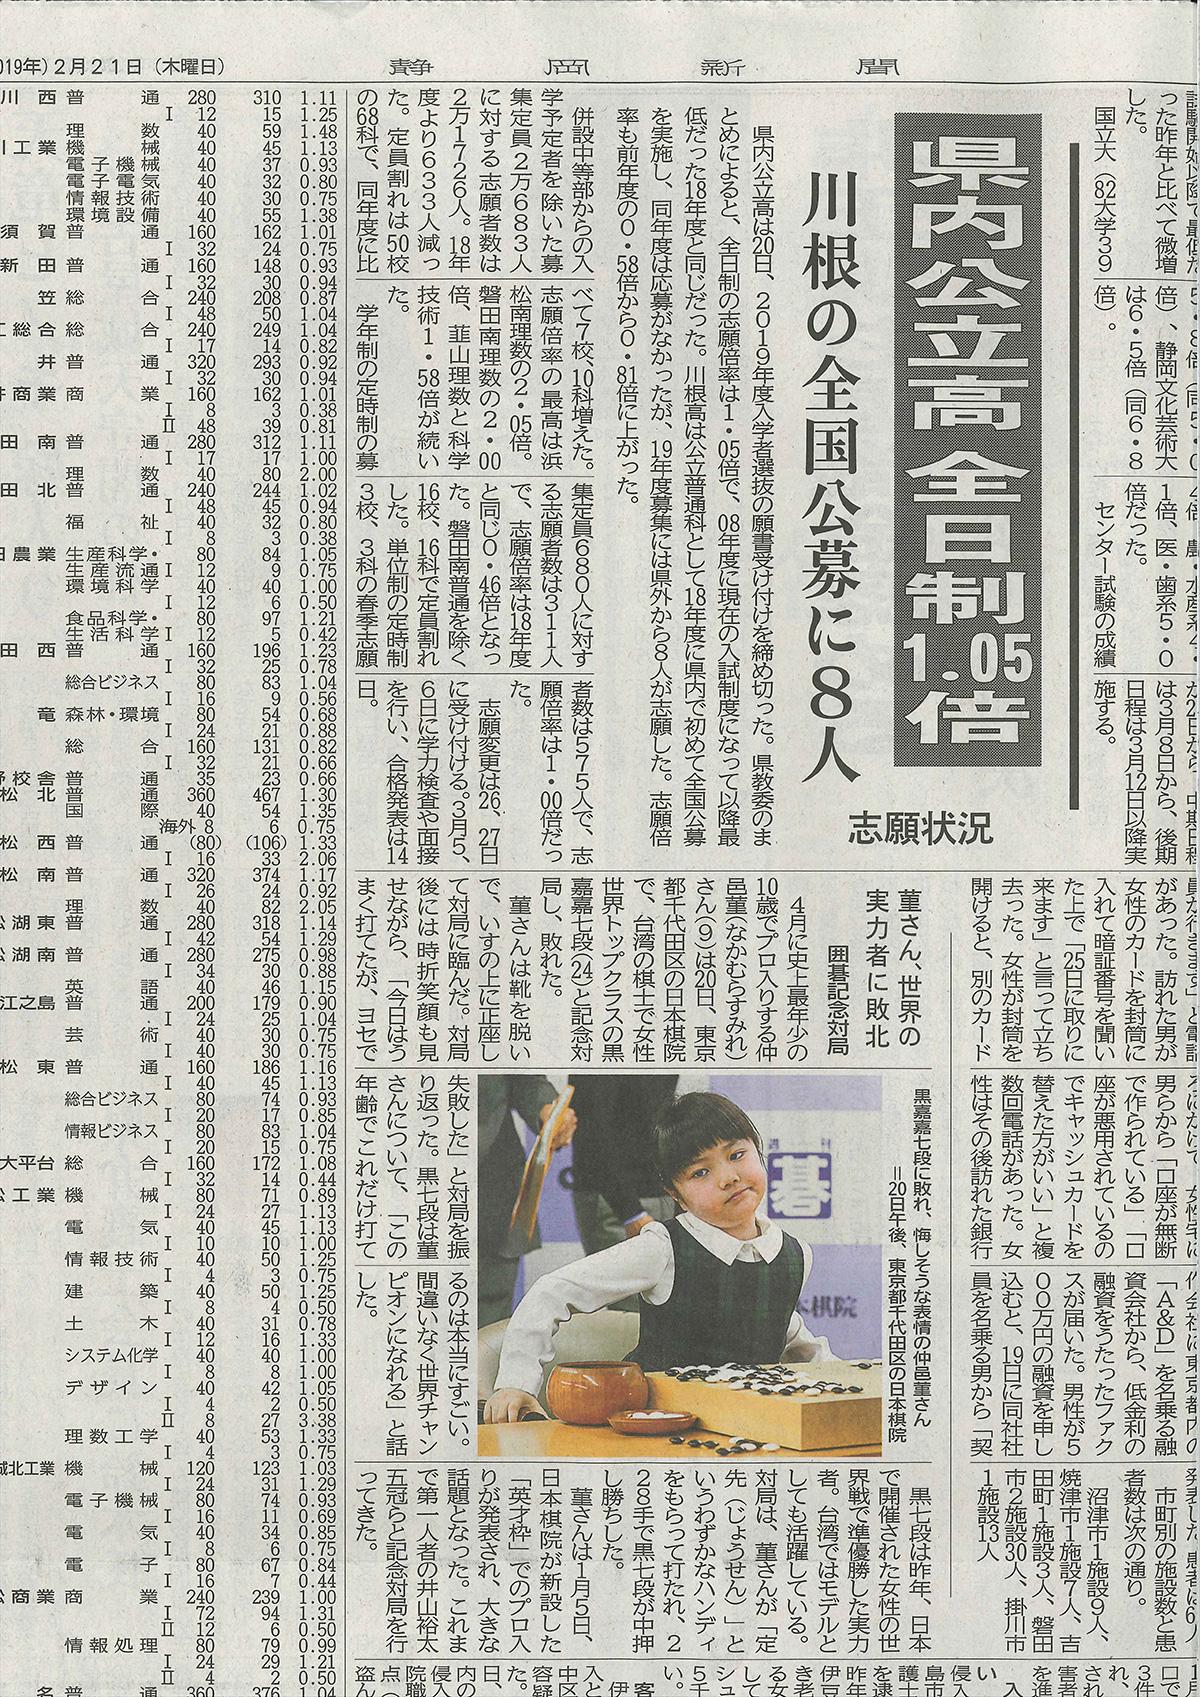 静岡県 公立高校入学者選抜 願書受付が締め切られました。